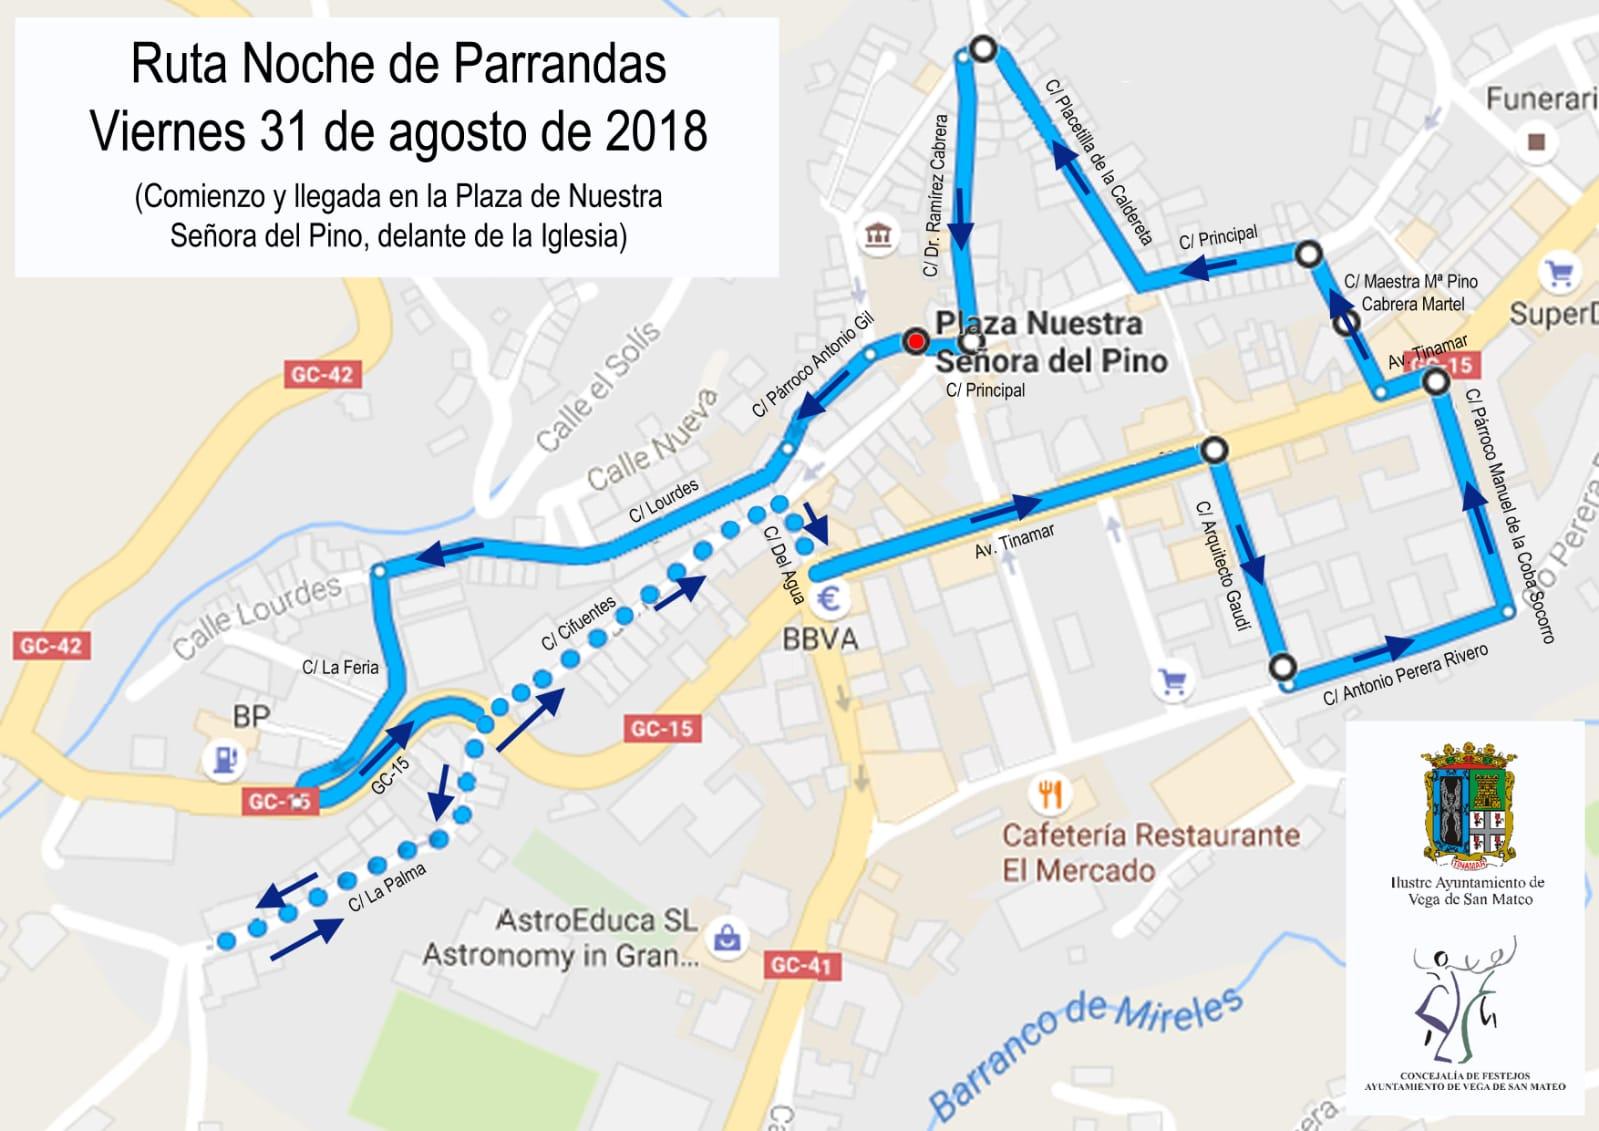 Ruta Noche de Parrandas